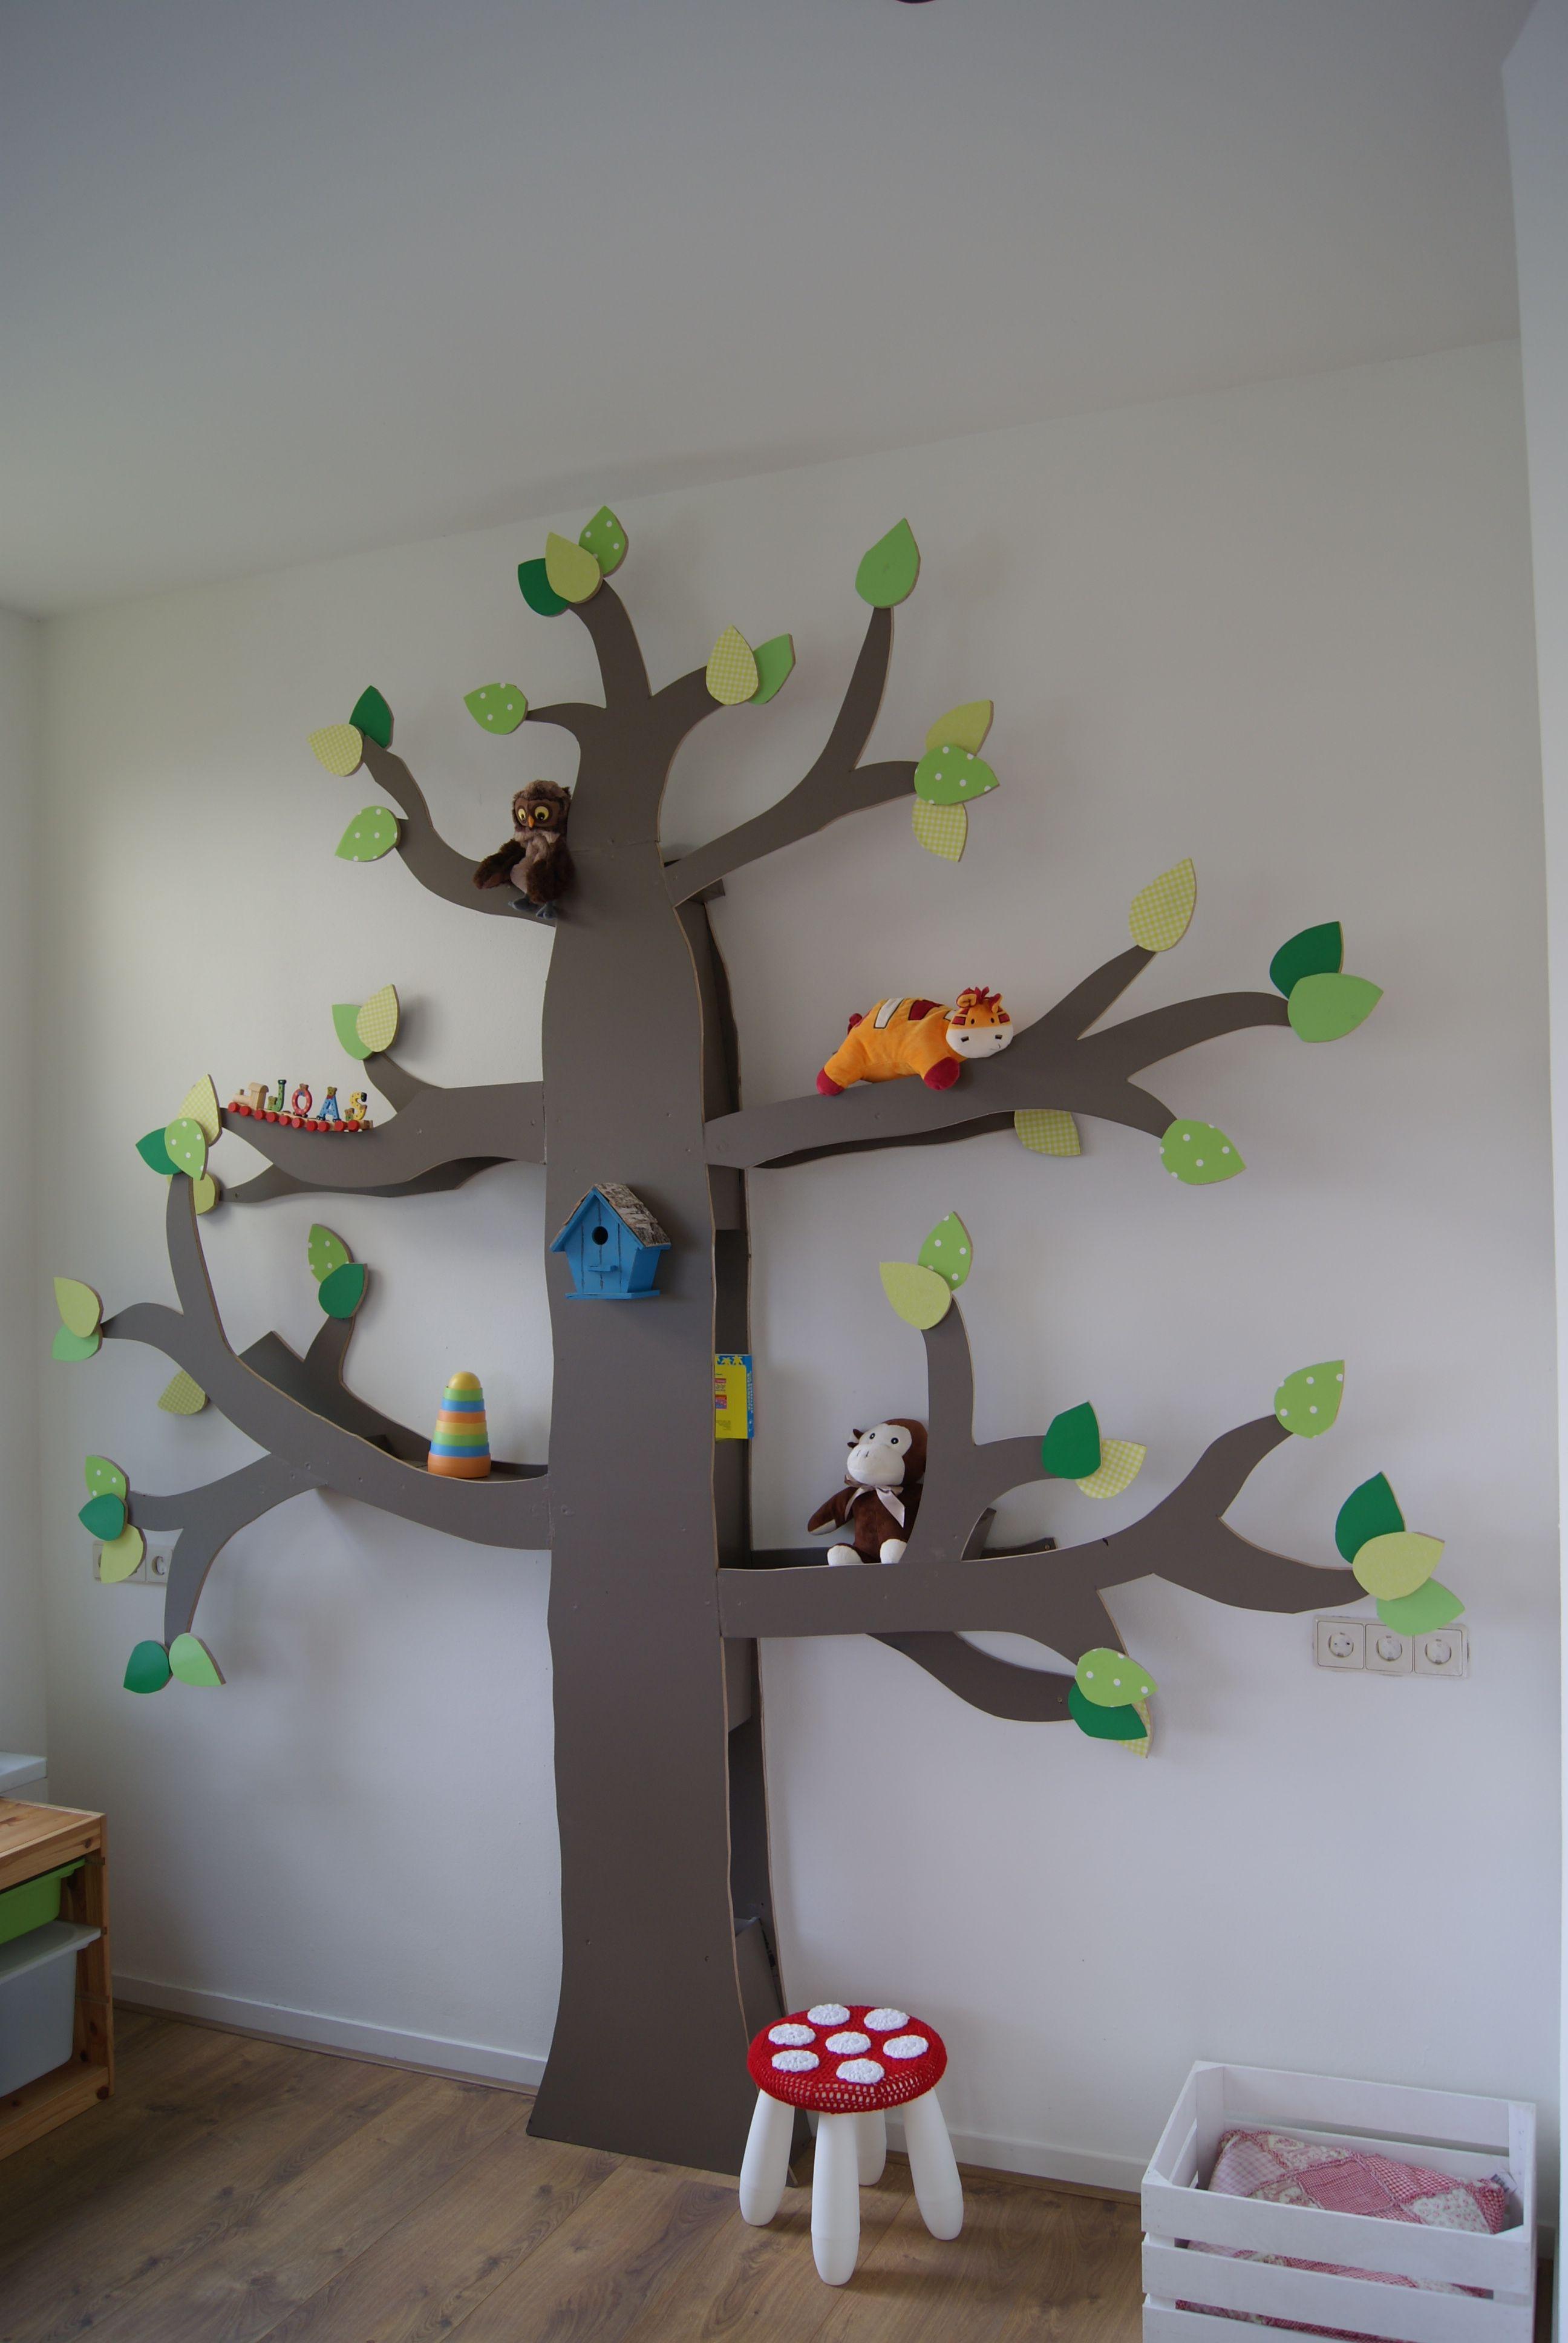 maak zelf een boekenkast boom leuk voor in de kinderkamer speelkamer of zelfs de woonkamer